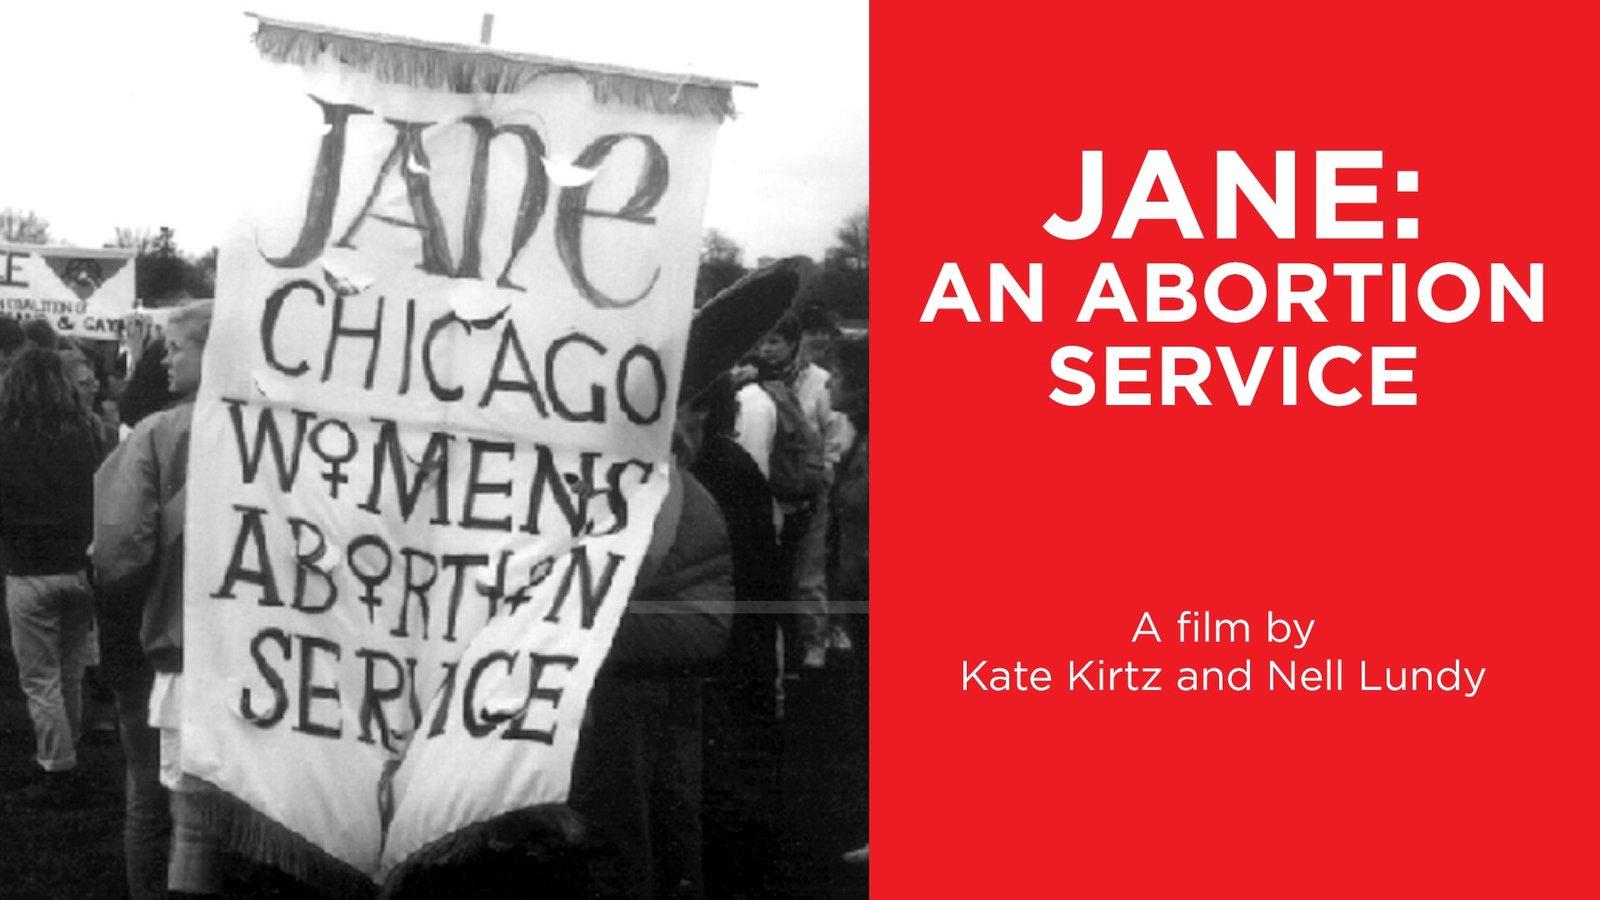 Jane: An Abortion Service - The Underground Abortion Service